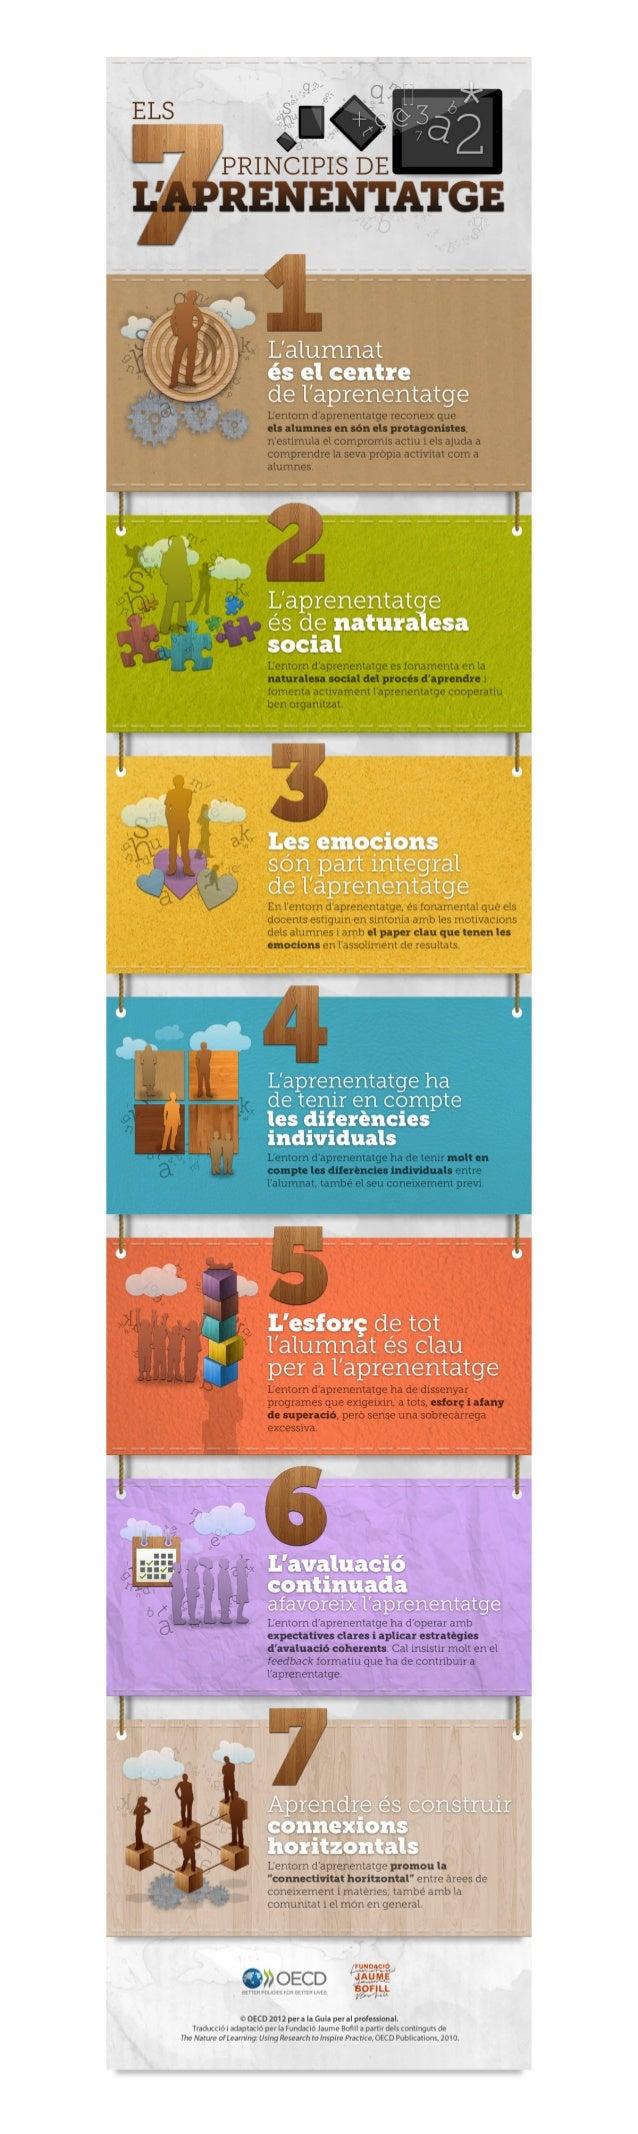 Els 7 principis de l'aprenentatge